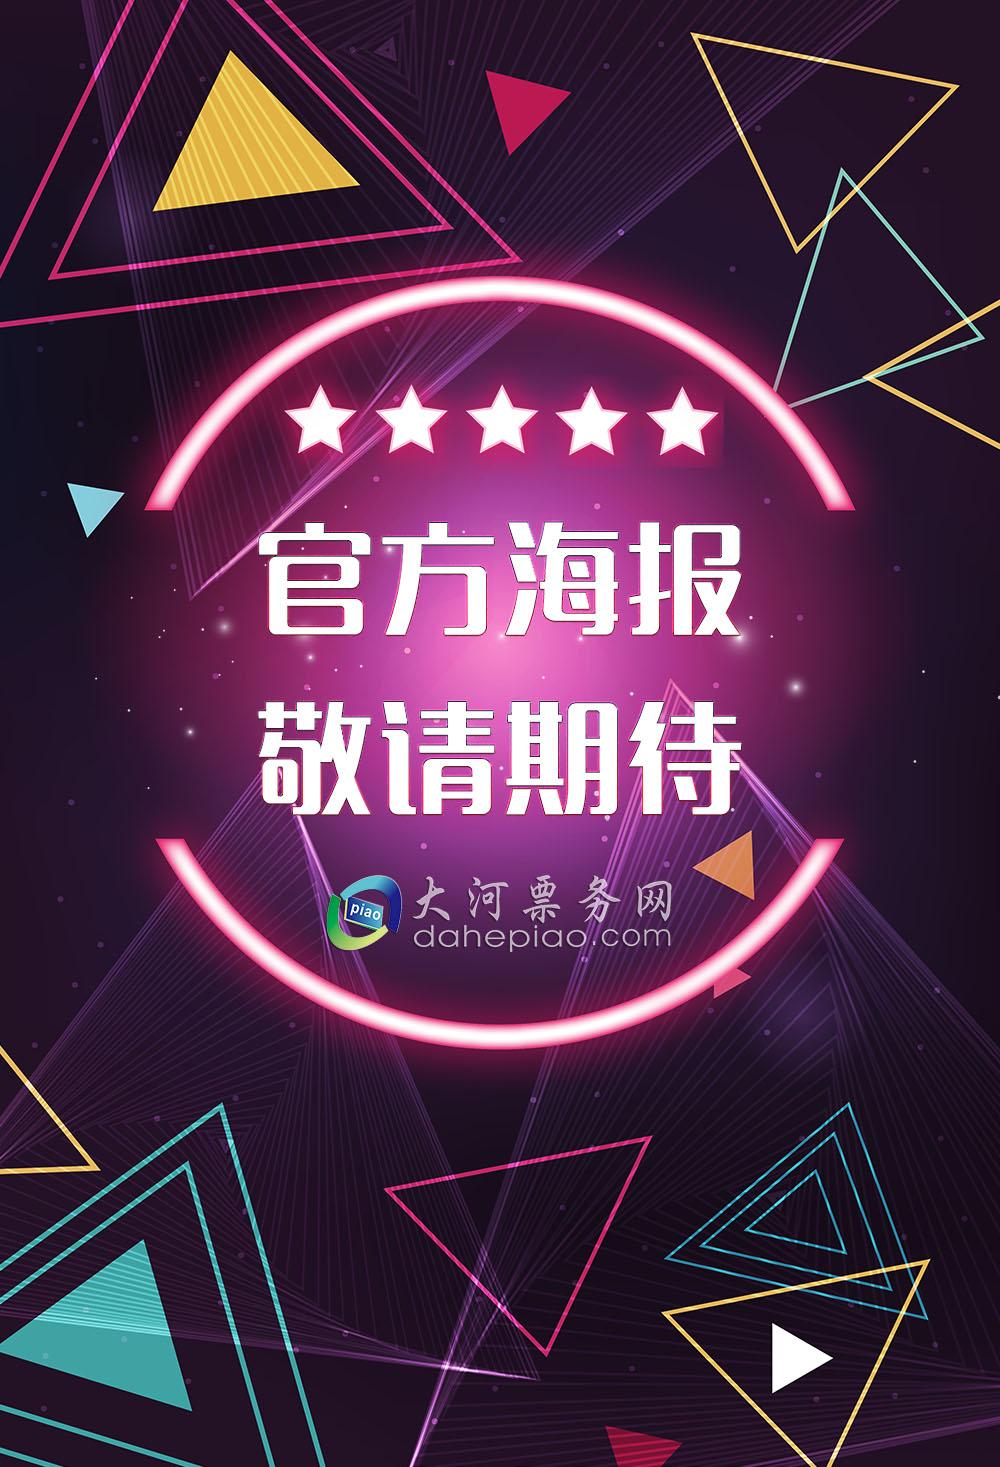 蔡徐坤深圳演唱会